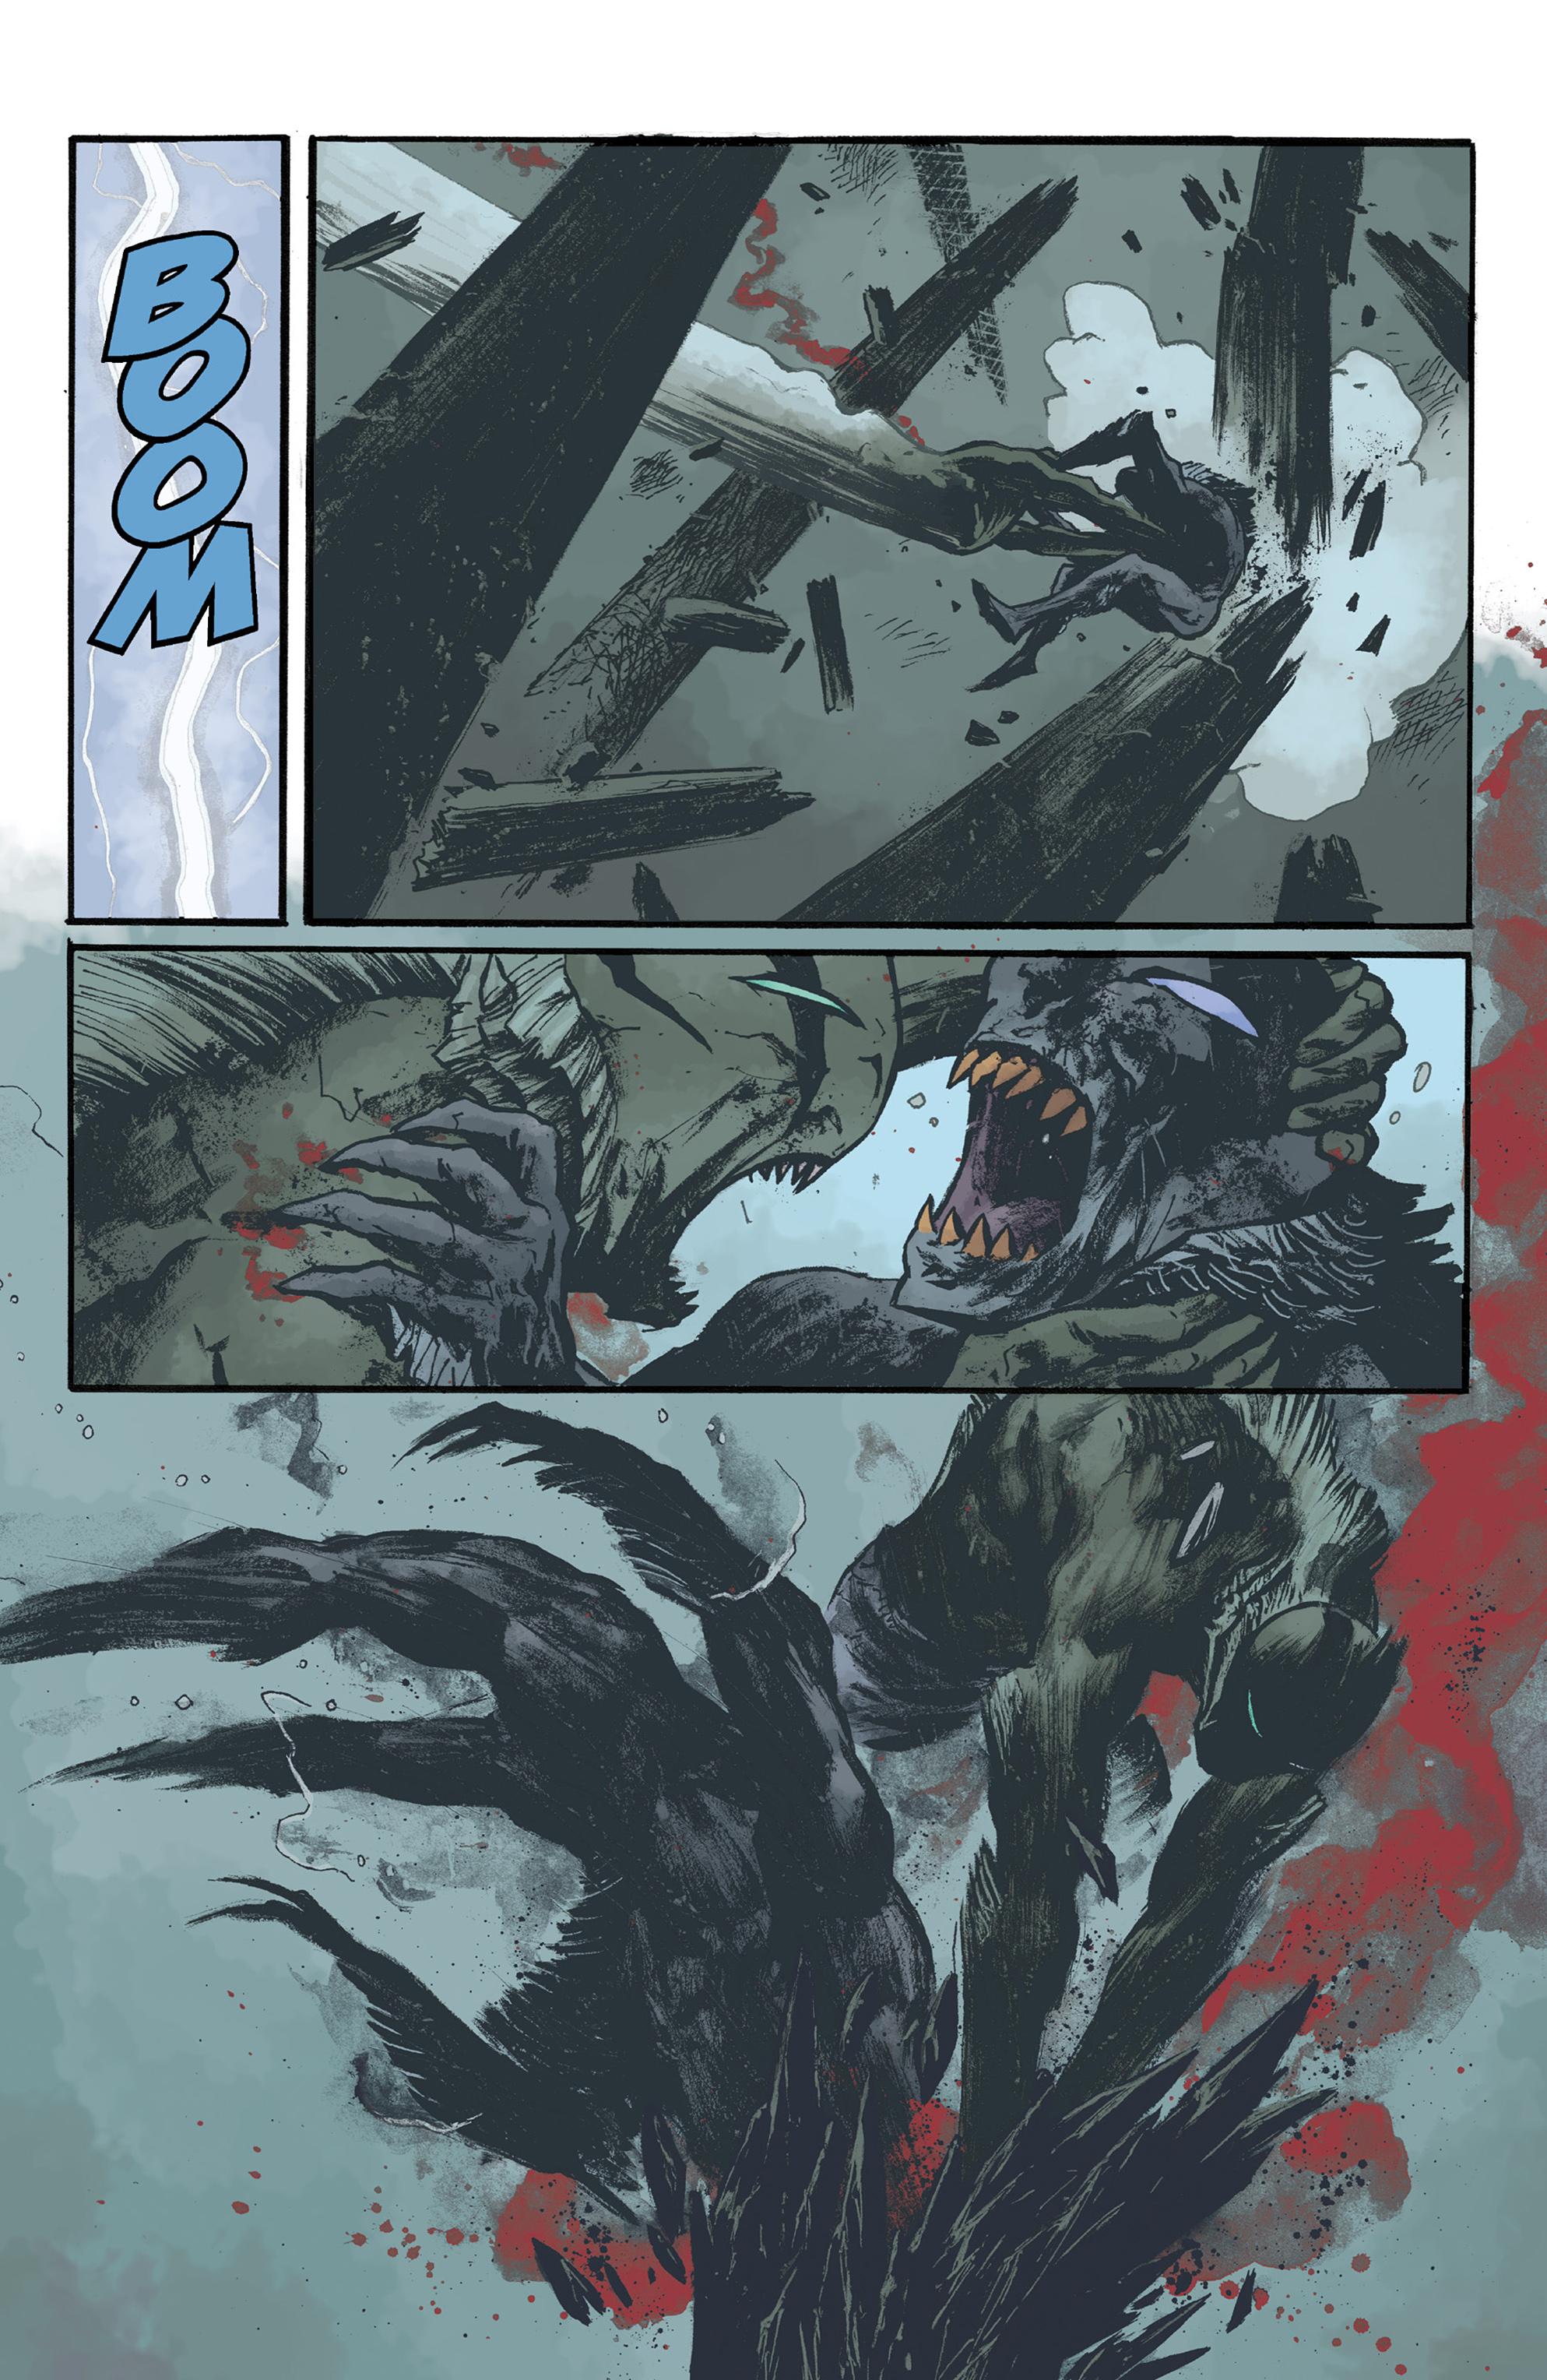 Read online Abe Sapien comic -  Issue #36 - 20